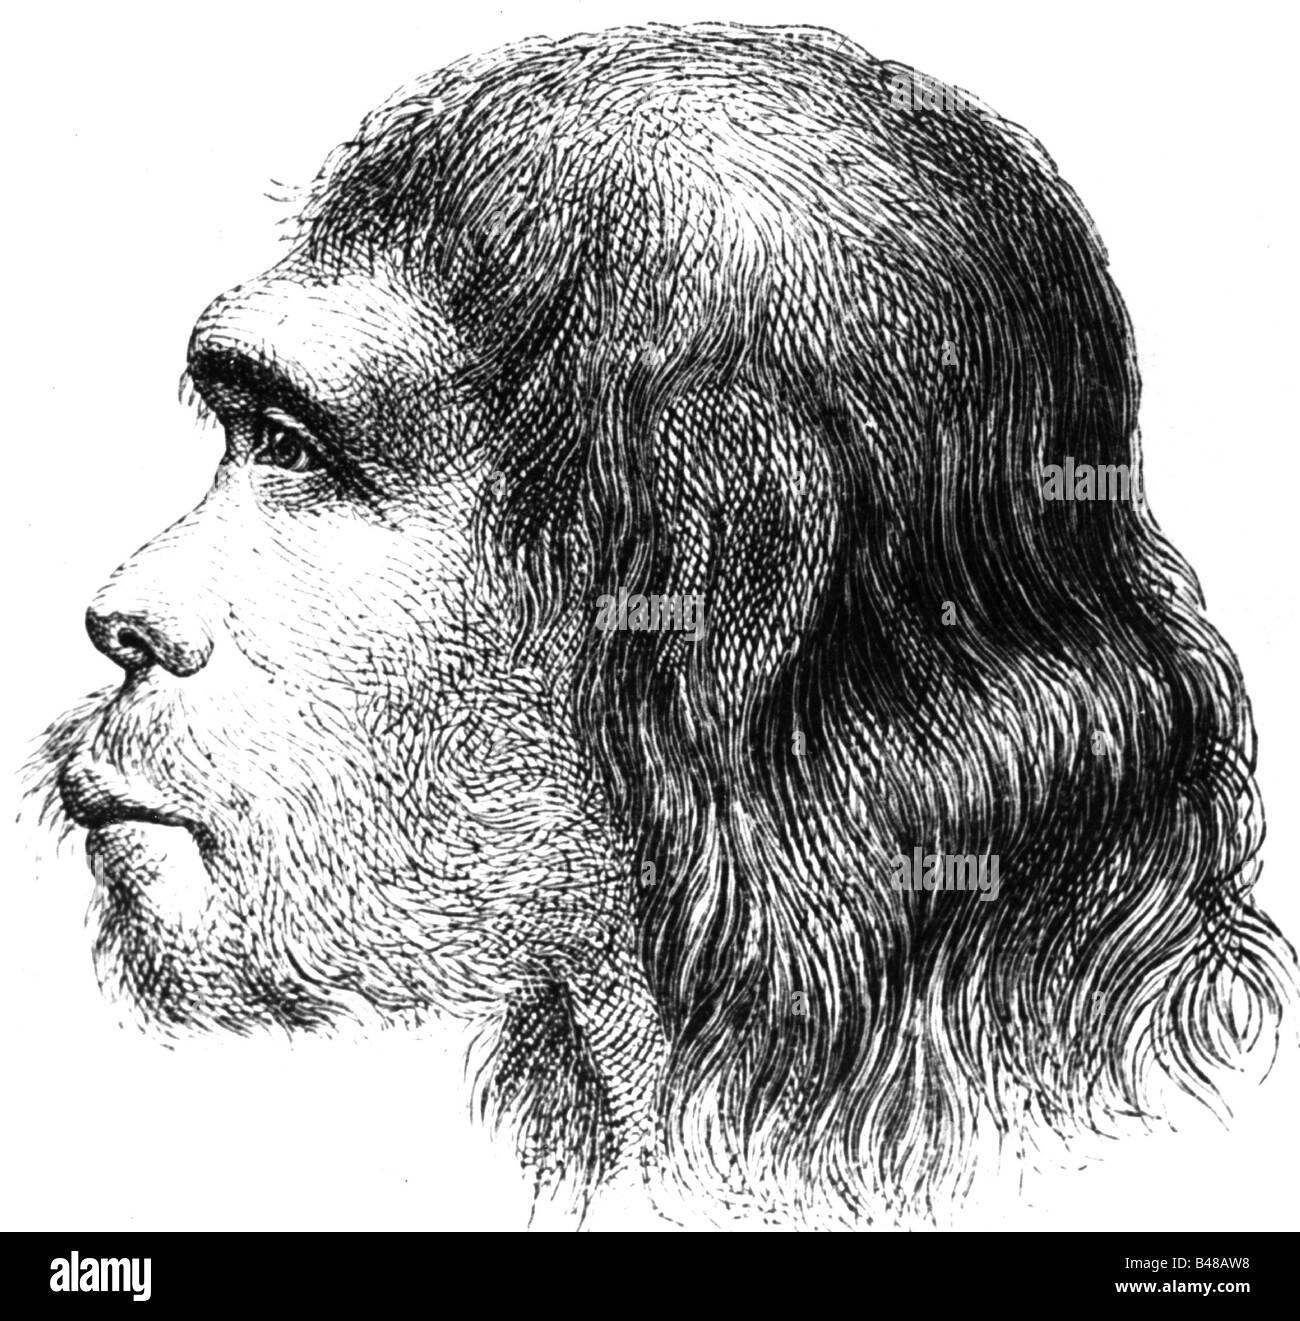 Eon / la préhistoire, les gens, les hommes préhistoriques, l'Homo Sapiens neanderthalensis, l'homme Photo Stock